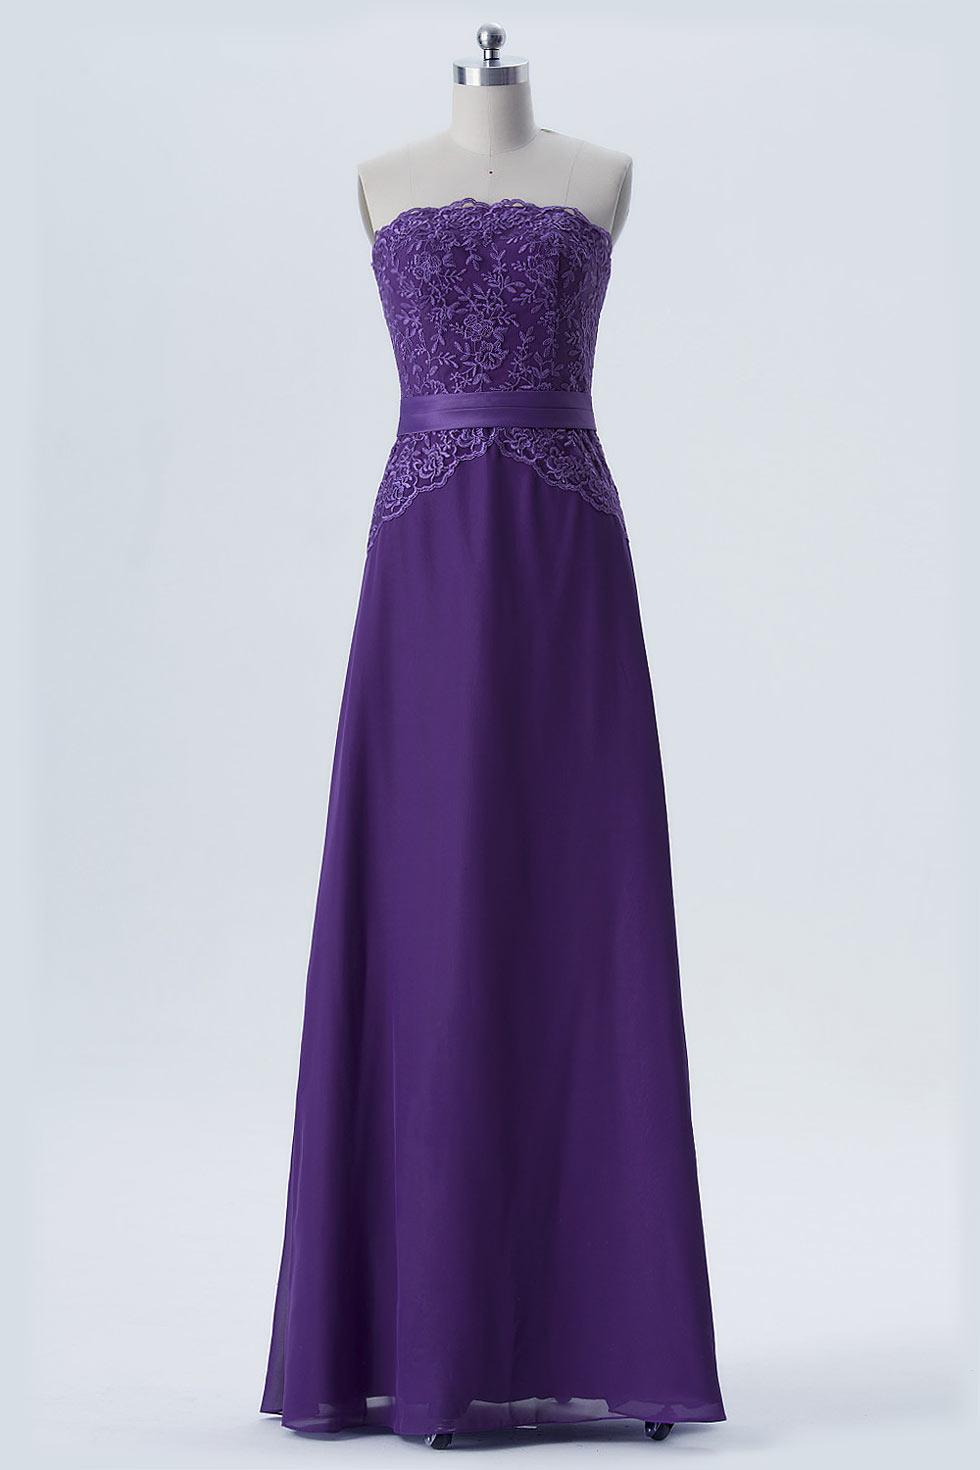 Robe habillée mousseline violette longue bustier dentelle